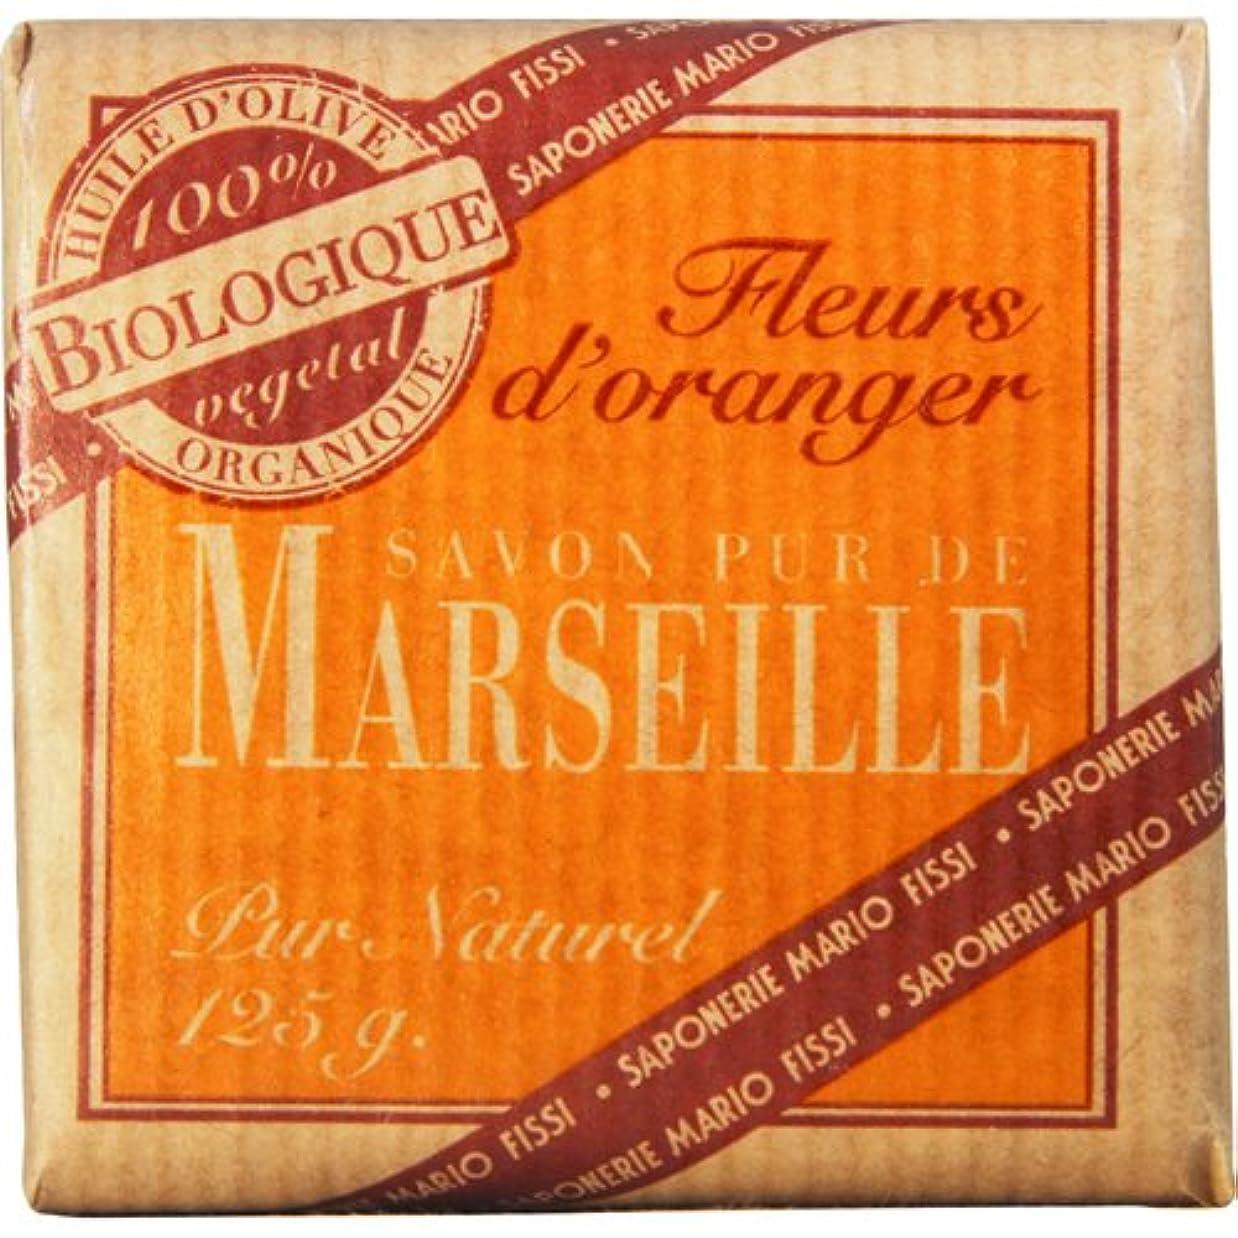 慢葉巻ピアノを弾くSaponerire Fissi マルセイユシリーズ マルセイユソープ 125g Orange Flower オレンジフラワー